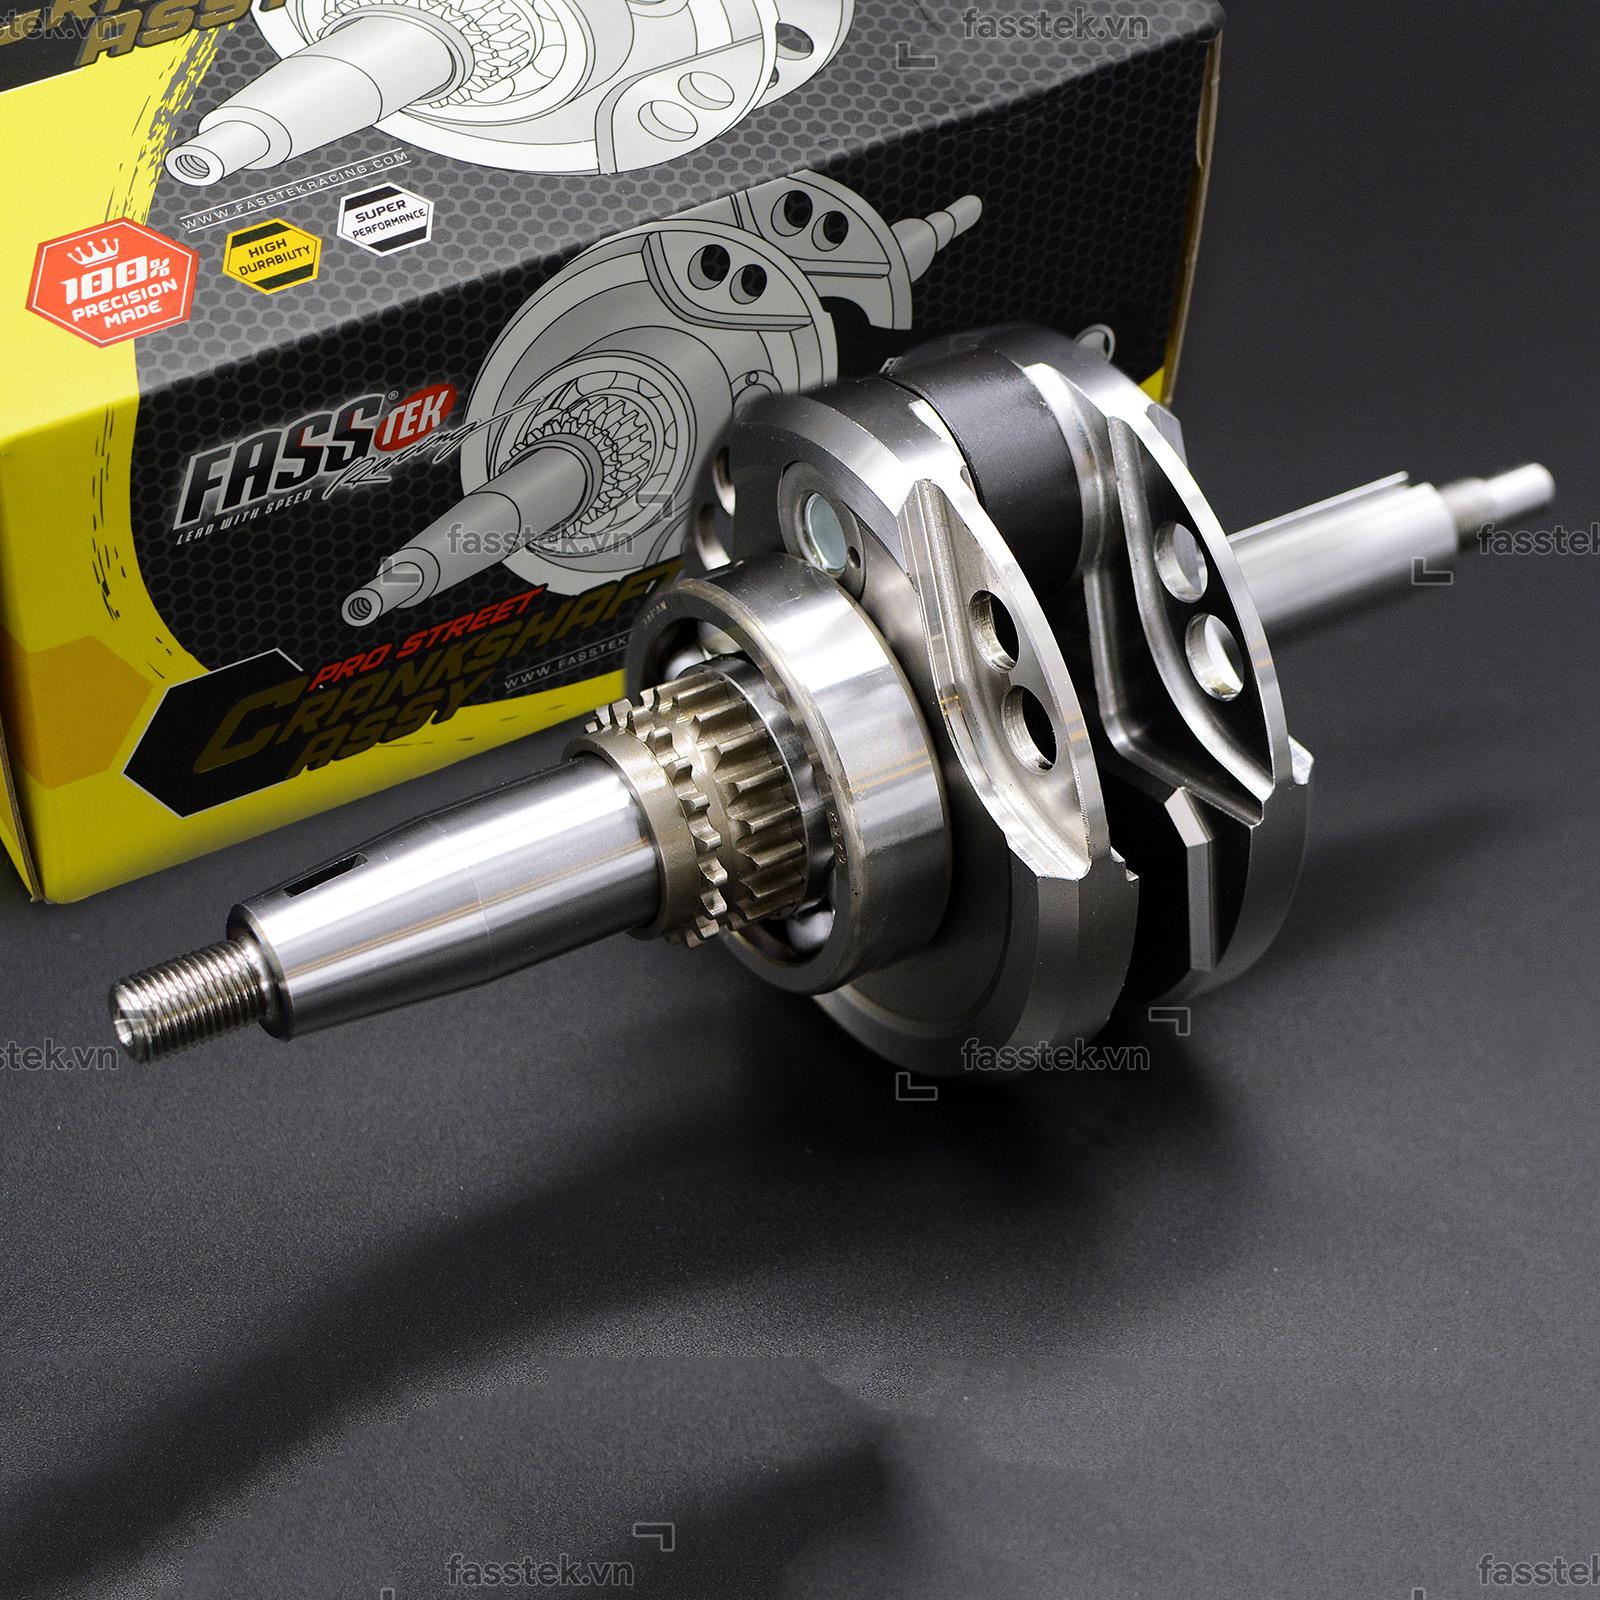 Dên đôn Fasstek Racing +5mm tay 103L cho Exciter 150